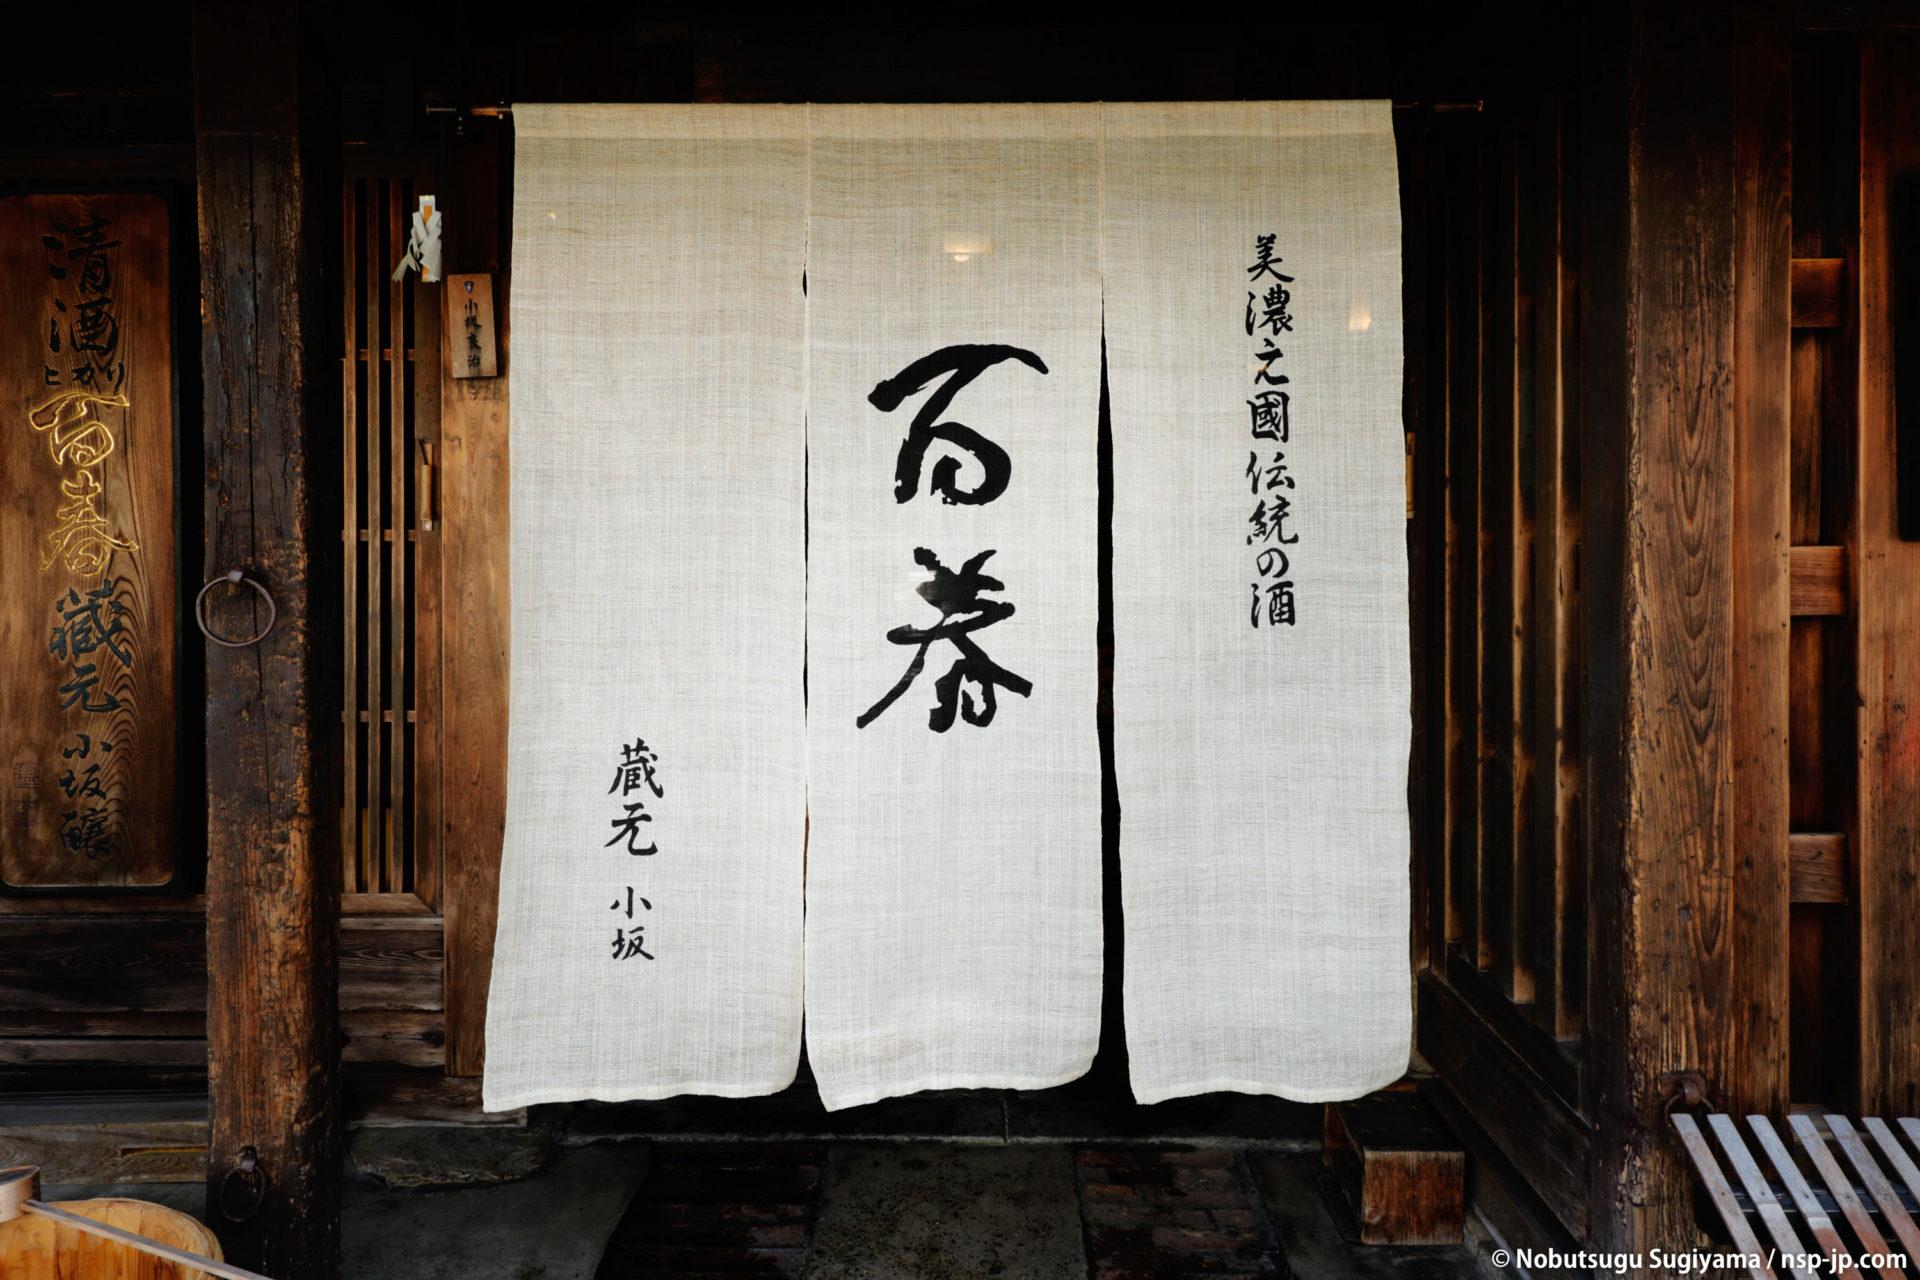 うだつの町並み-小坂酒造場 | 岐阜 故郷巡礼 by 杉山宣嗣